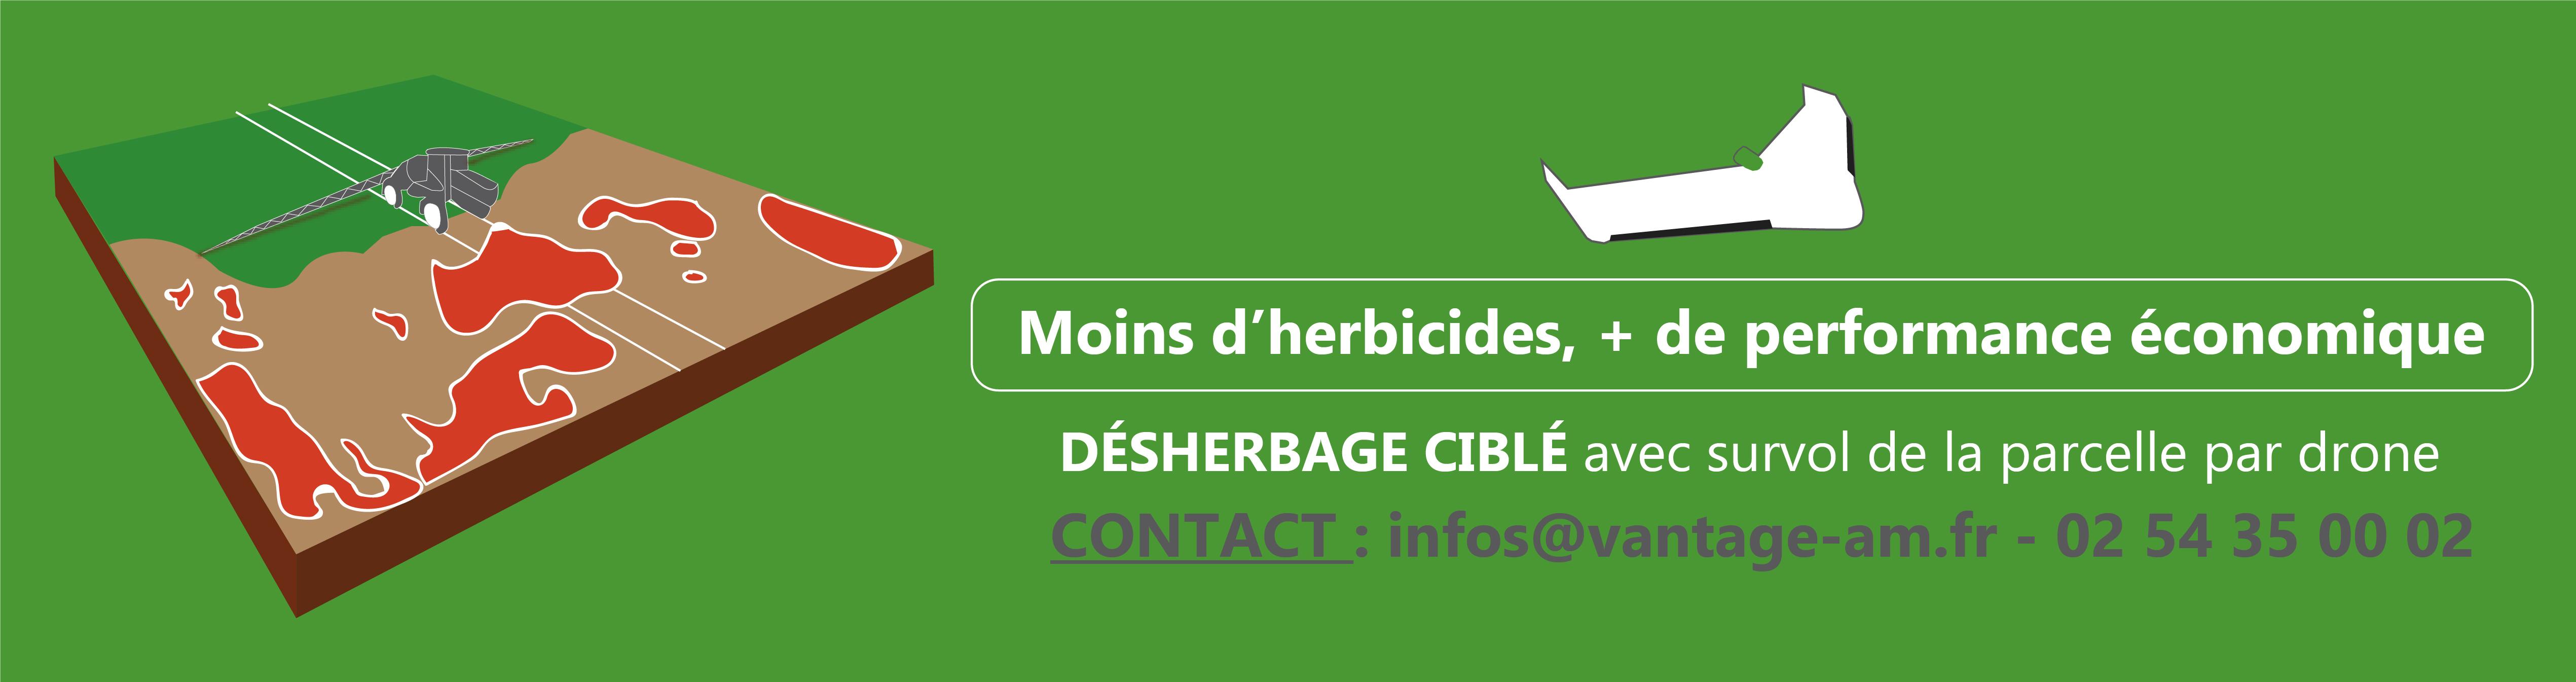 Accueil-desherbage-cible-drone-delair-1.jpg